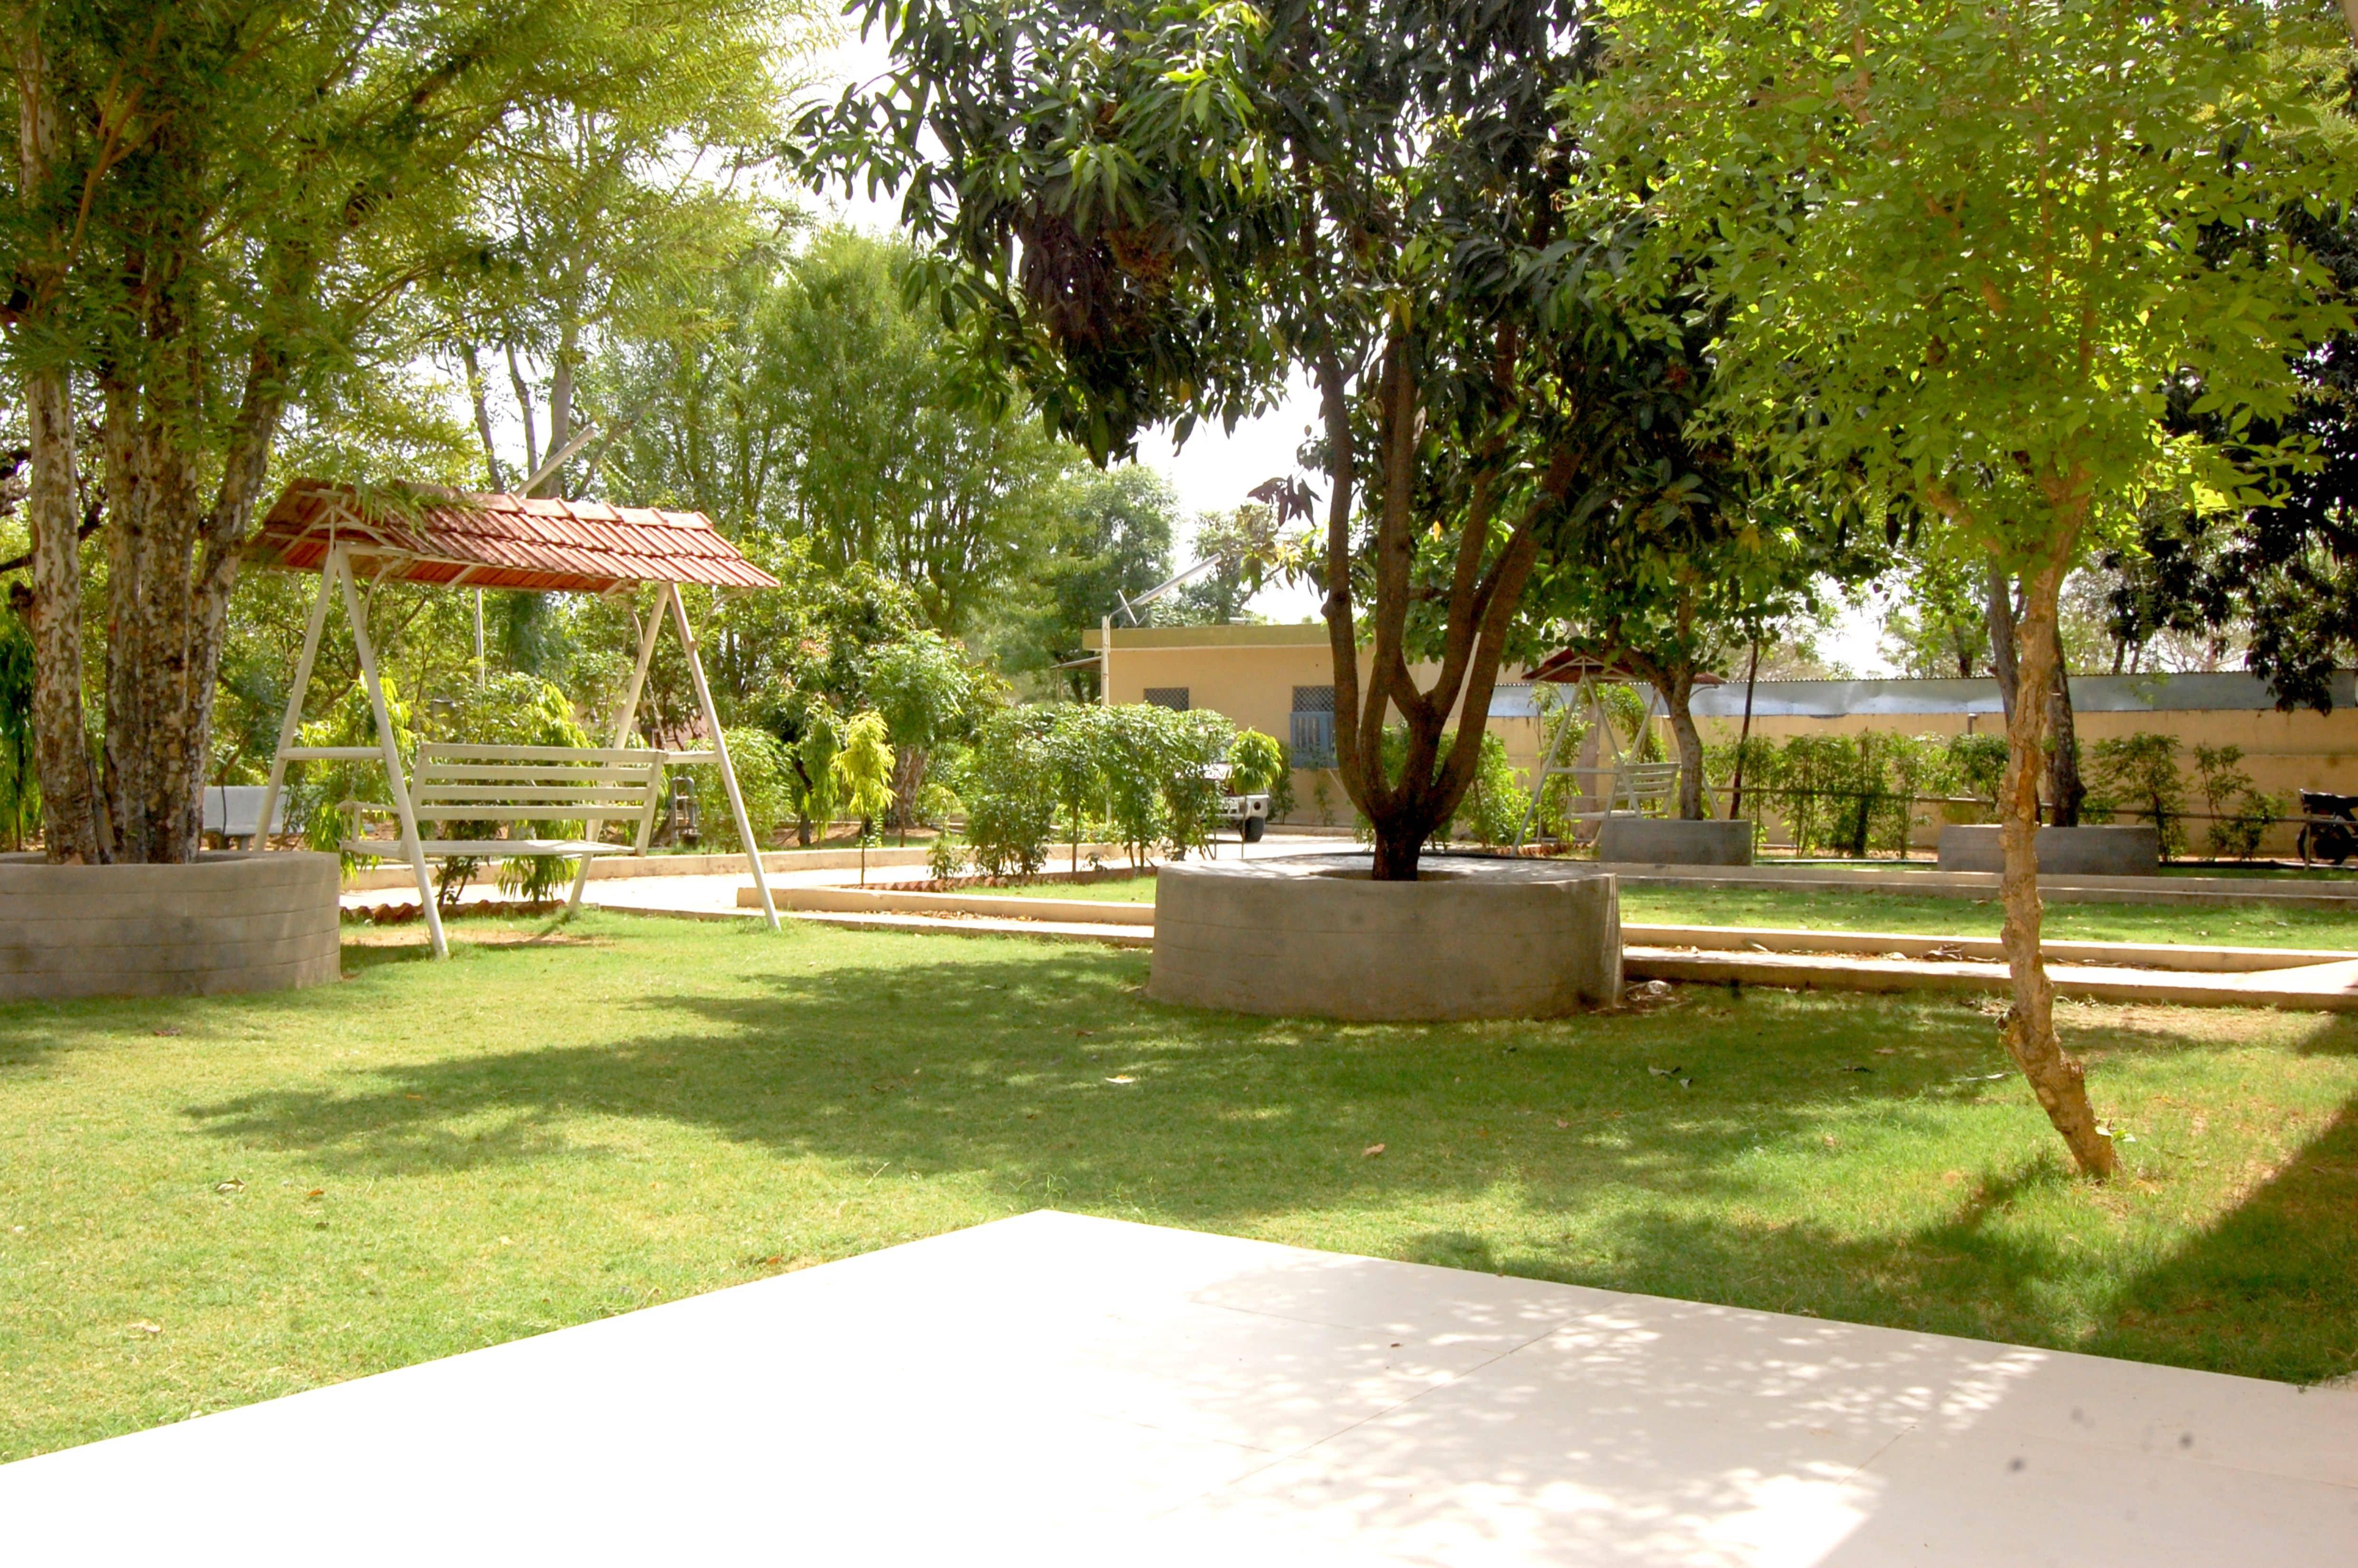 Jeevan Jyoti Garden